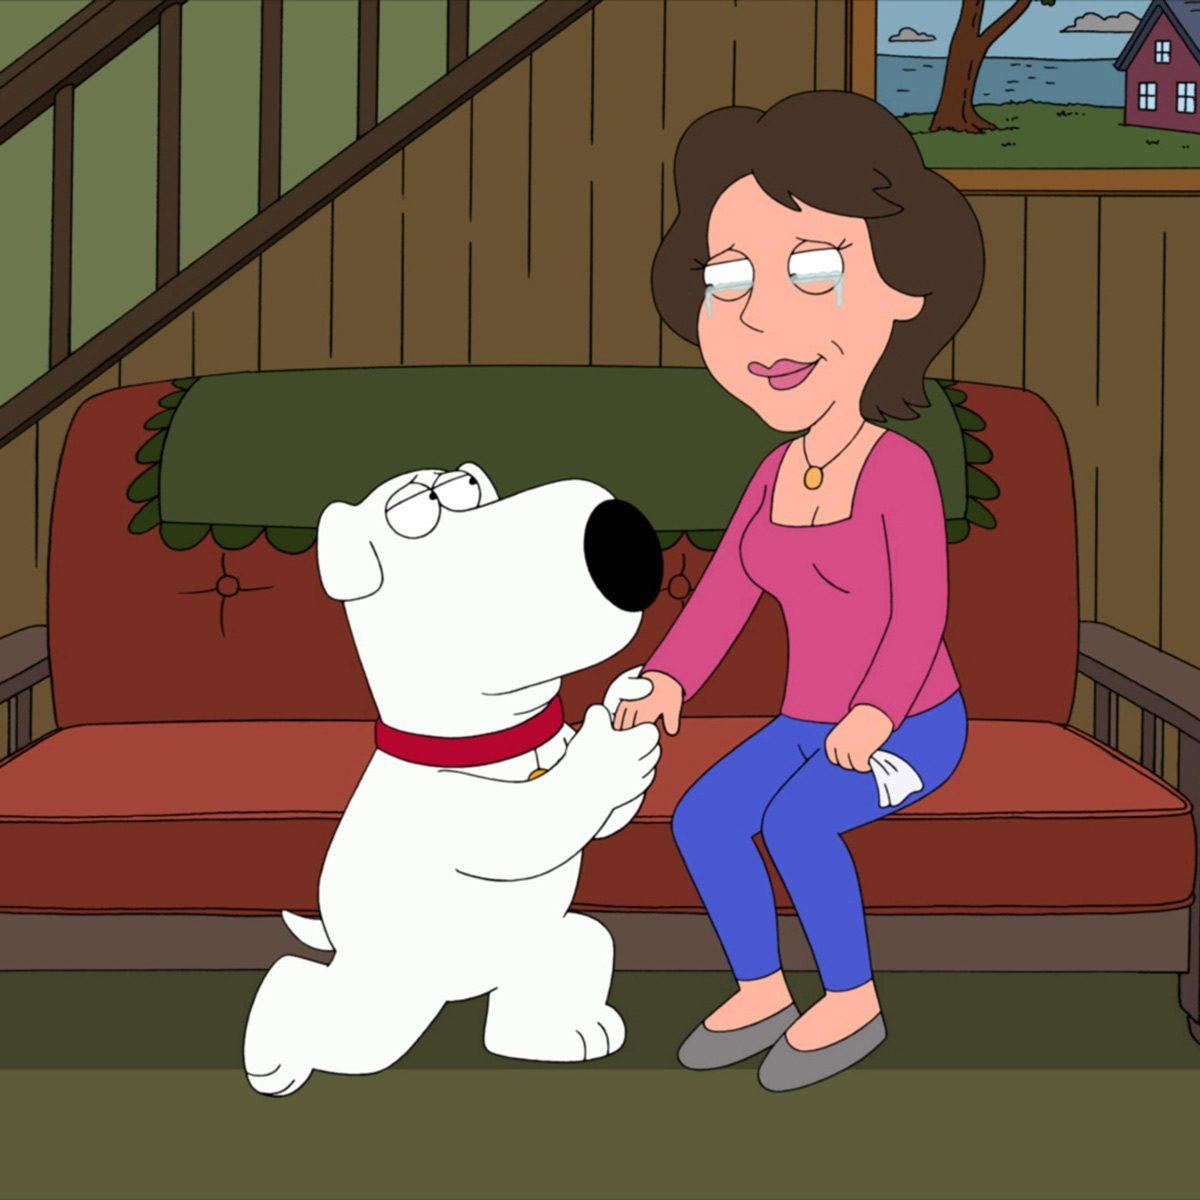 Brian-Family-Guy-Dog